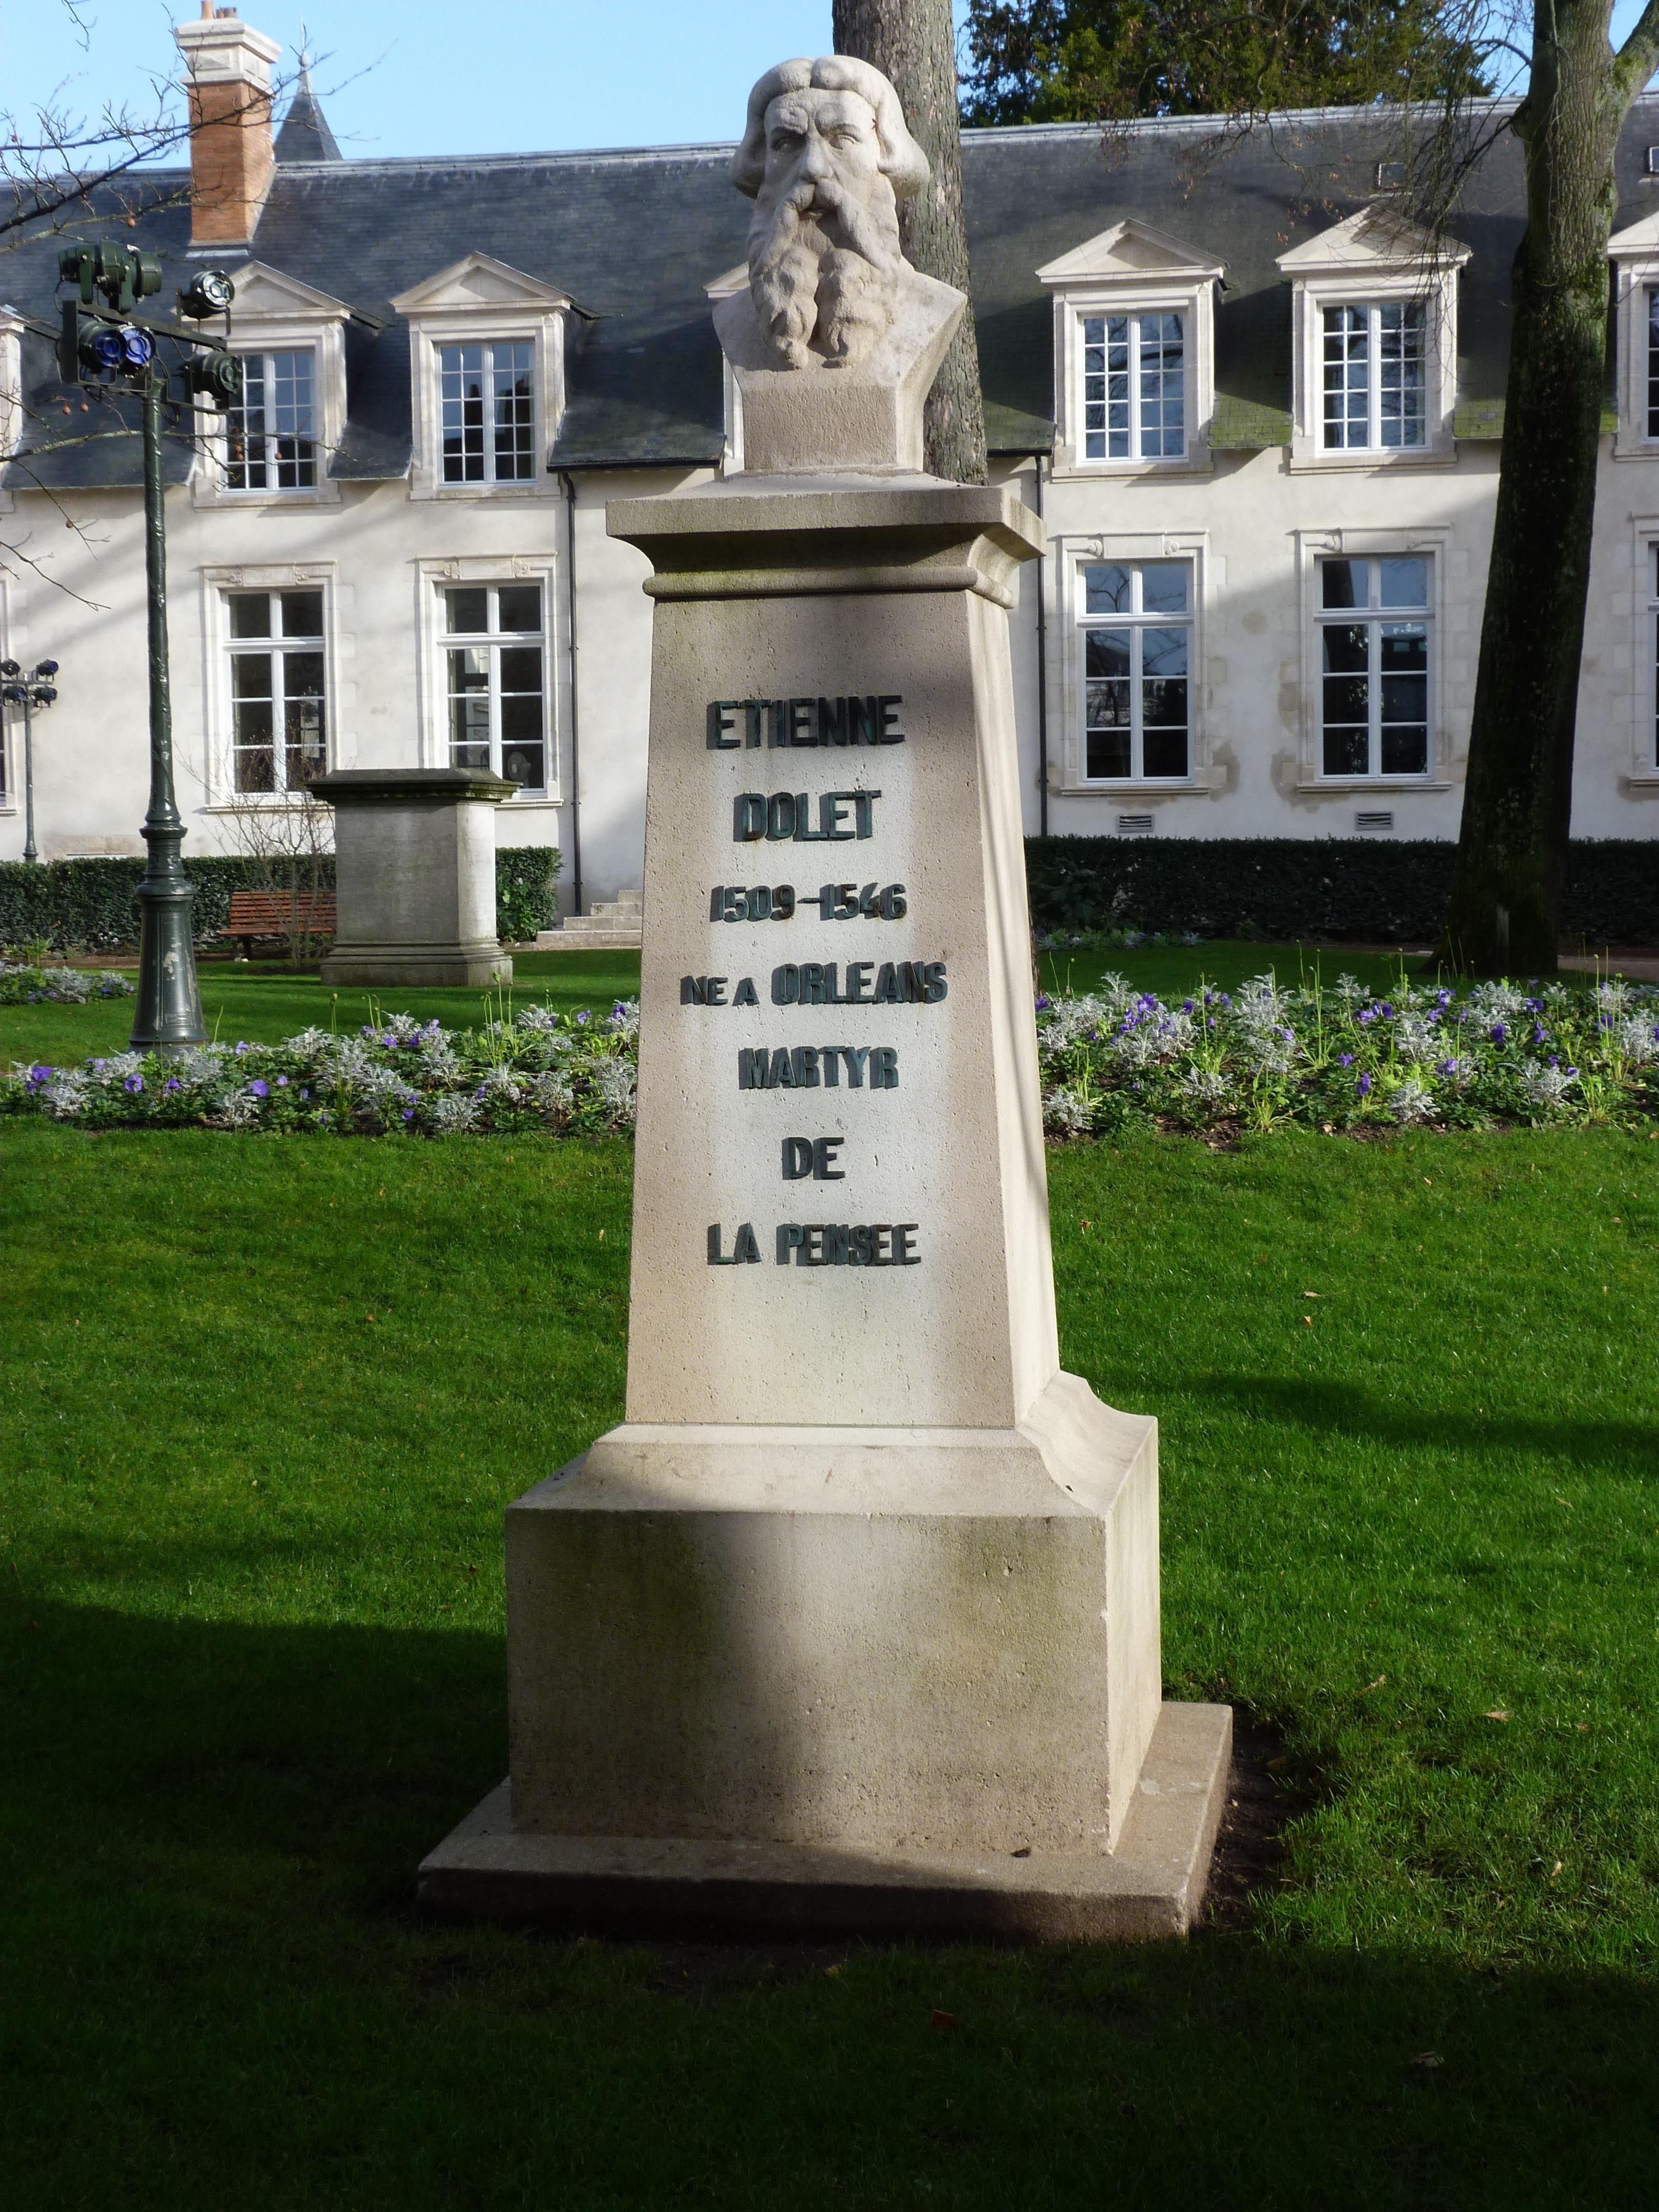 A bust of Étienne Dolet in Orléans, (Val-de-Loire, France) [[Mairie